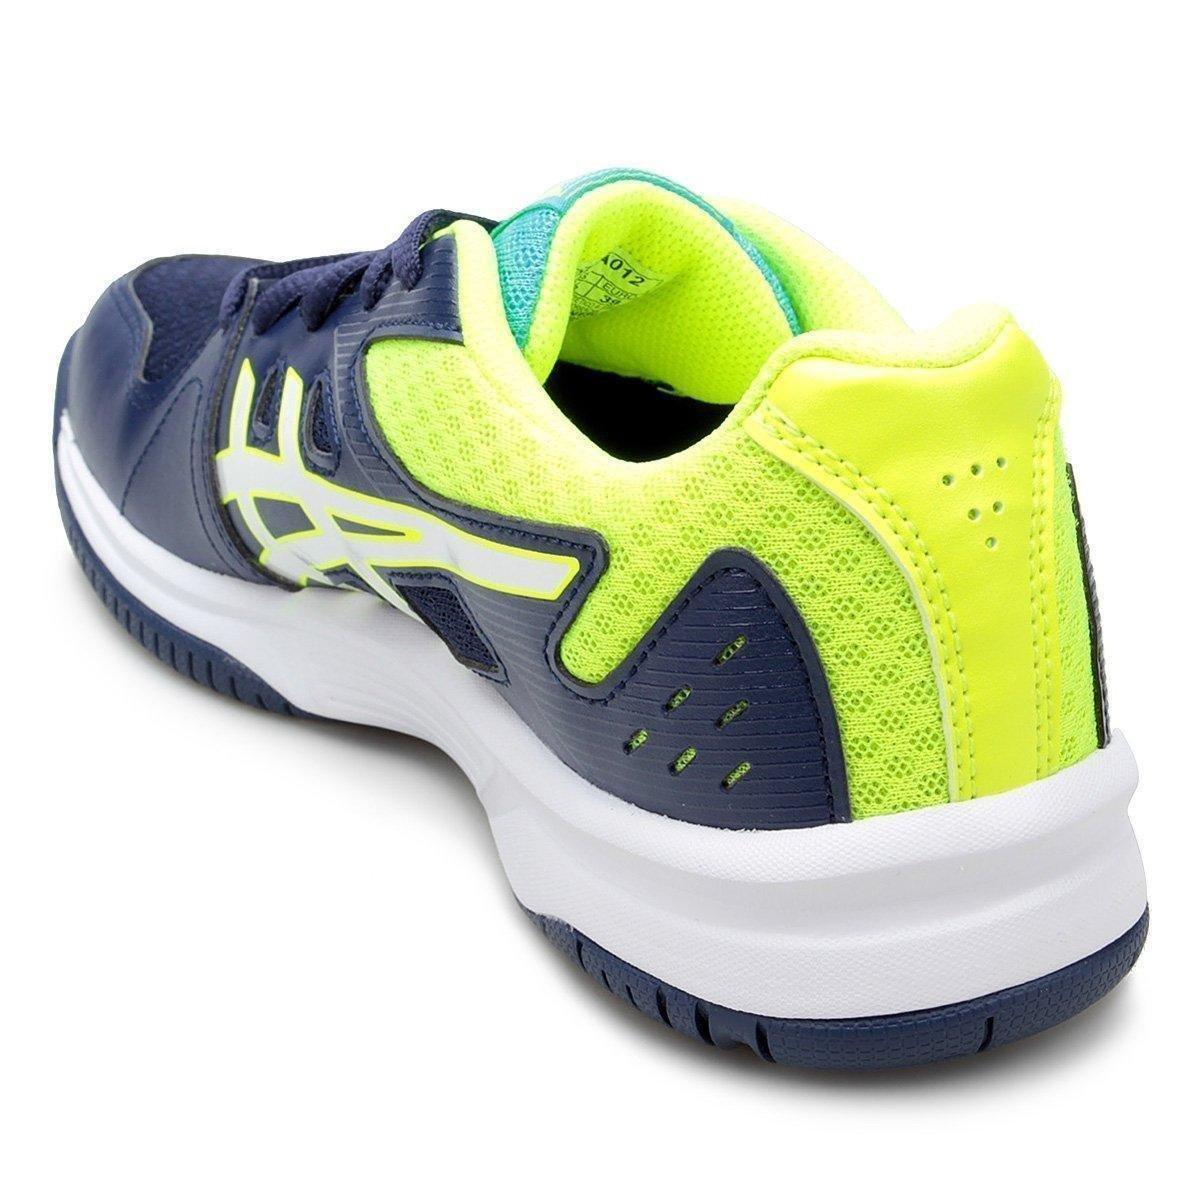 ... Tênis Asics Upcourt 3 Feminino - Azul e Branco - Compre Agora Netshoes  b85e8938cfe7d2 ... 62712dbbc34b4